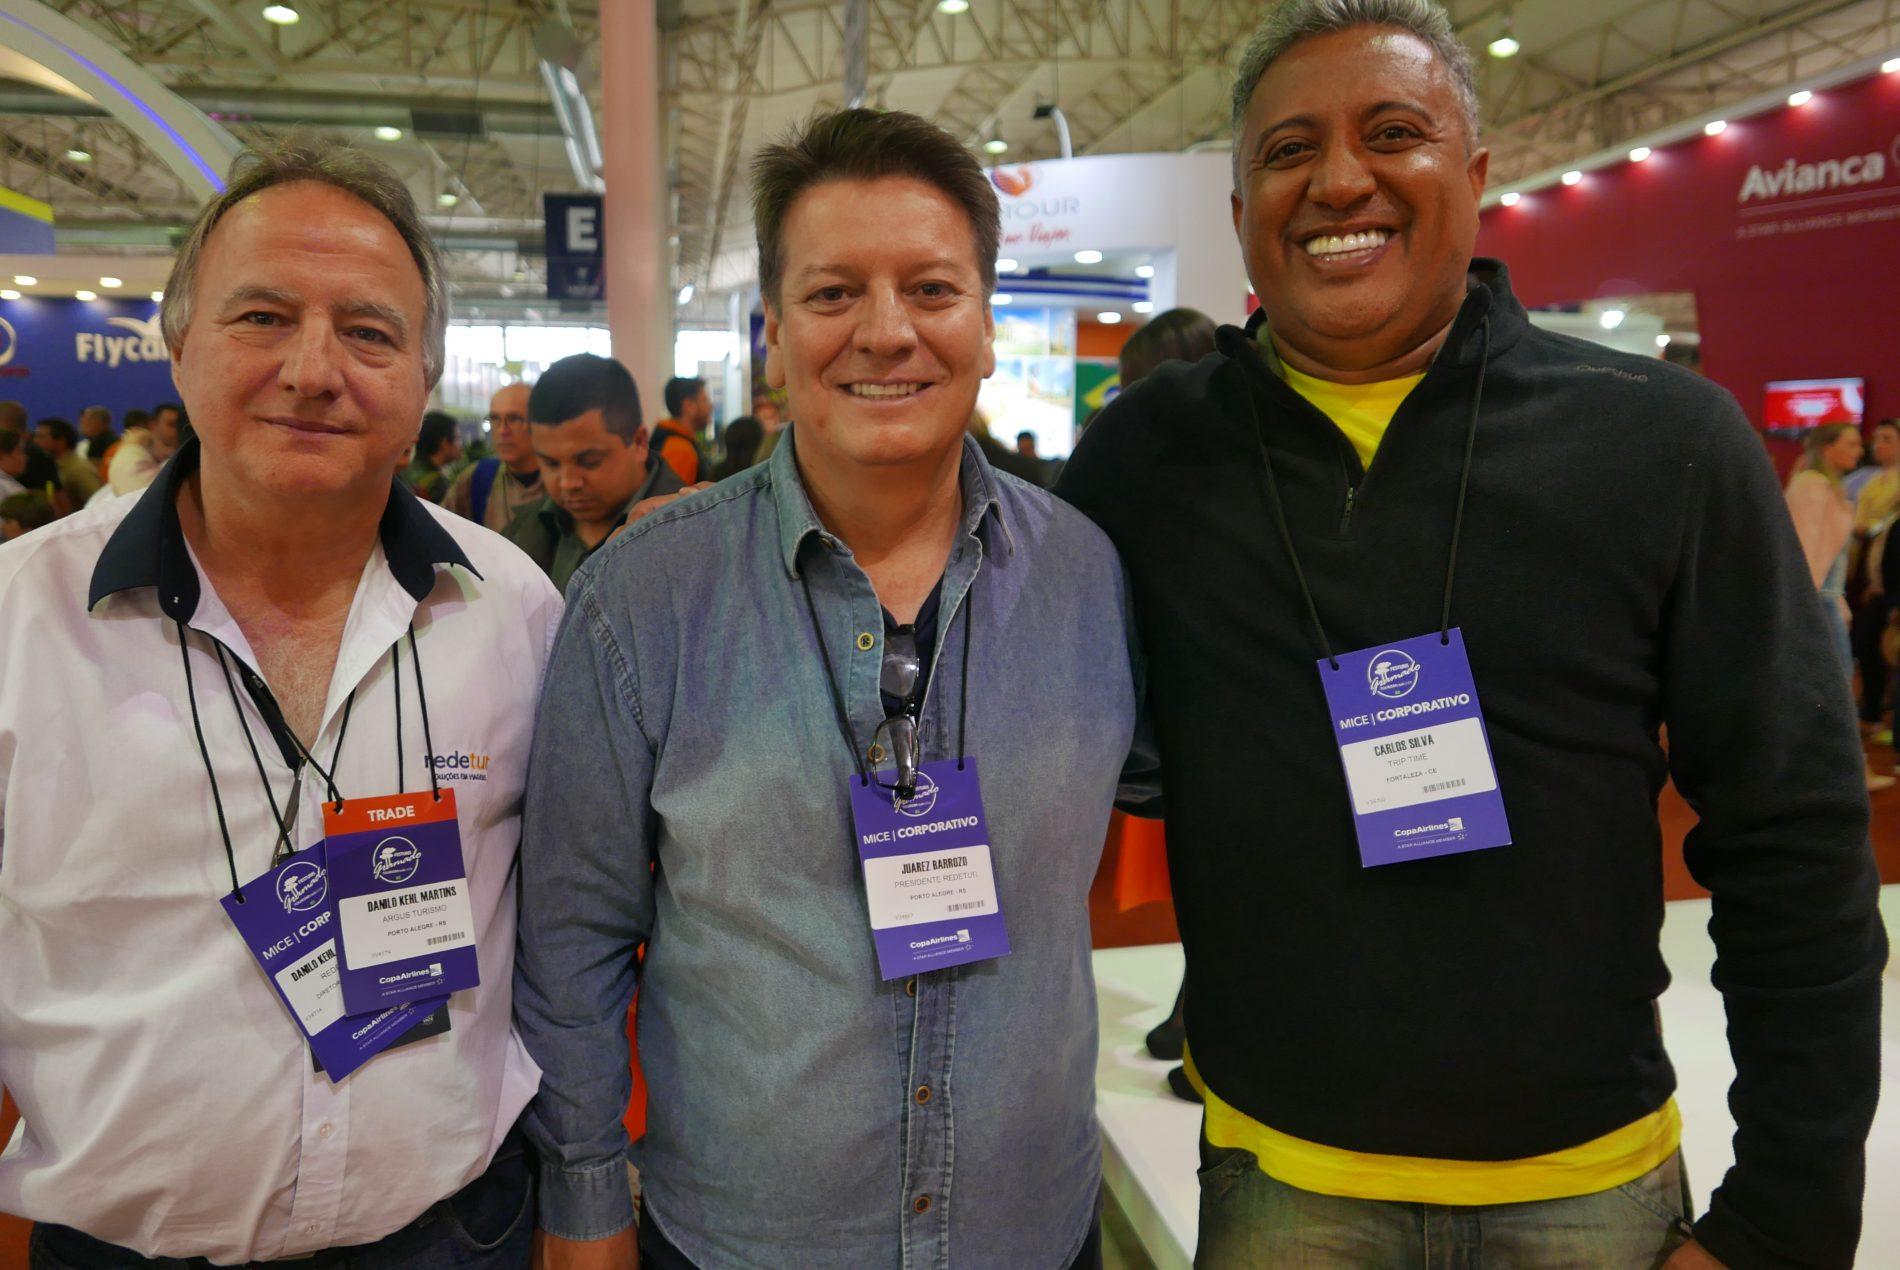 Danilo Martins, da Argus Turismo; Juarez Barrozo, da Redetur, e Carlos Silva, da Trip Time